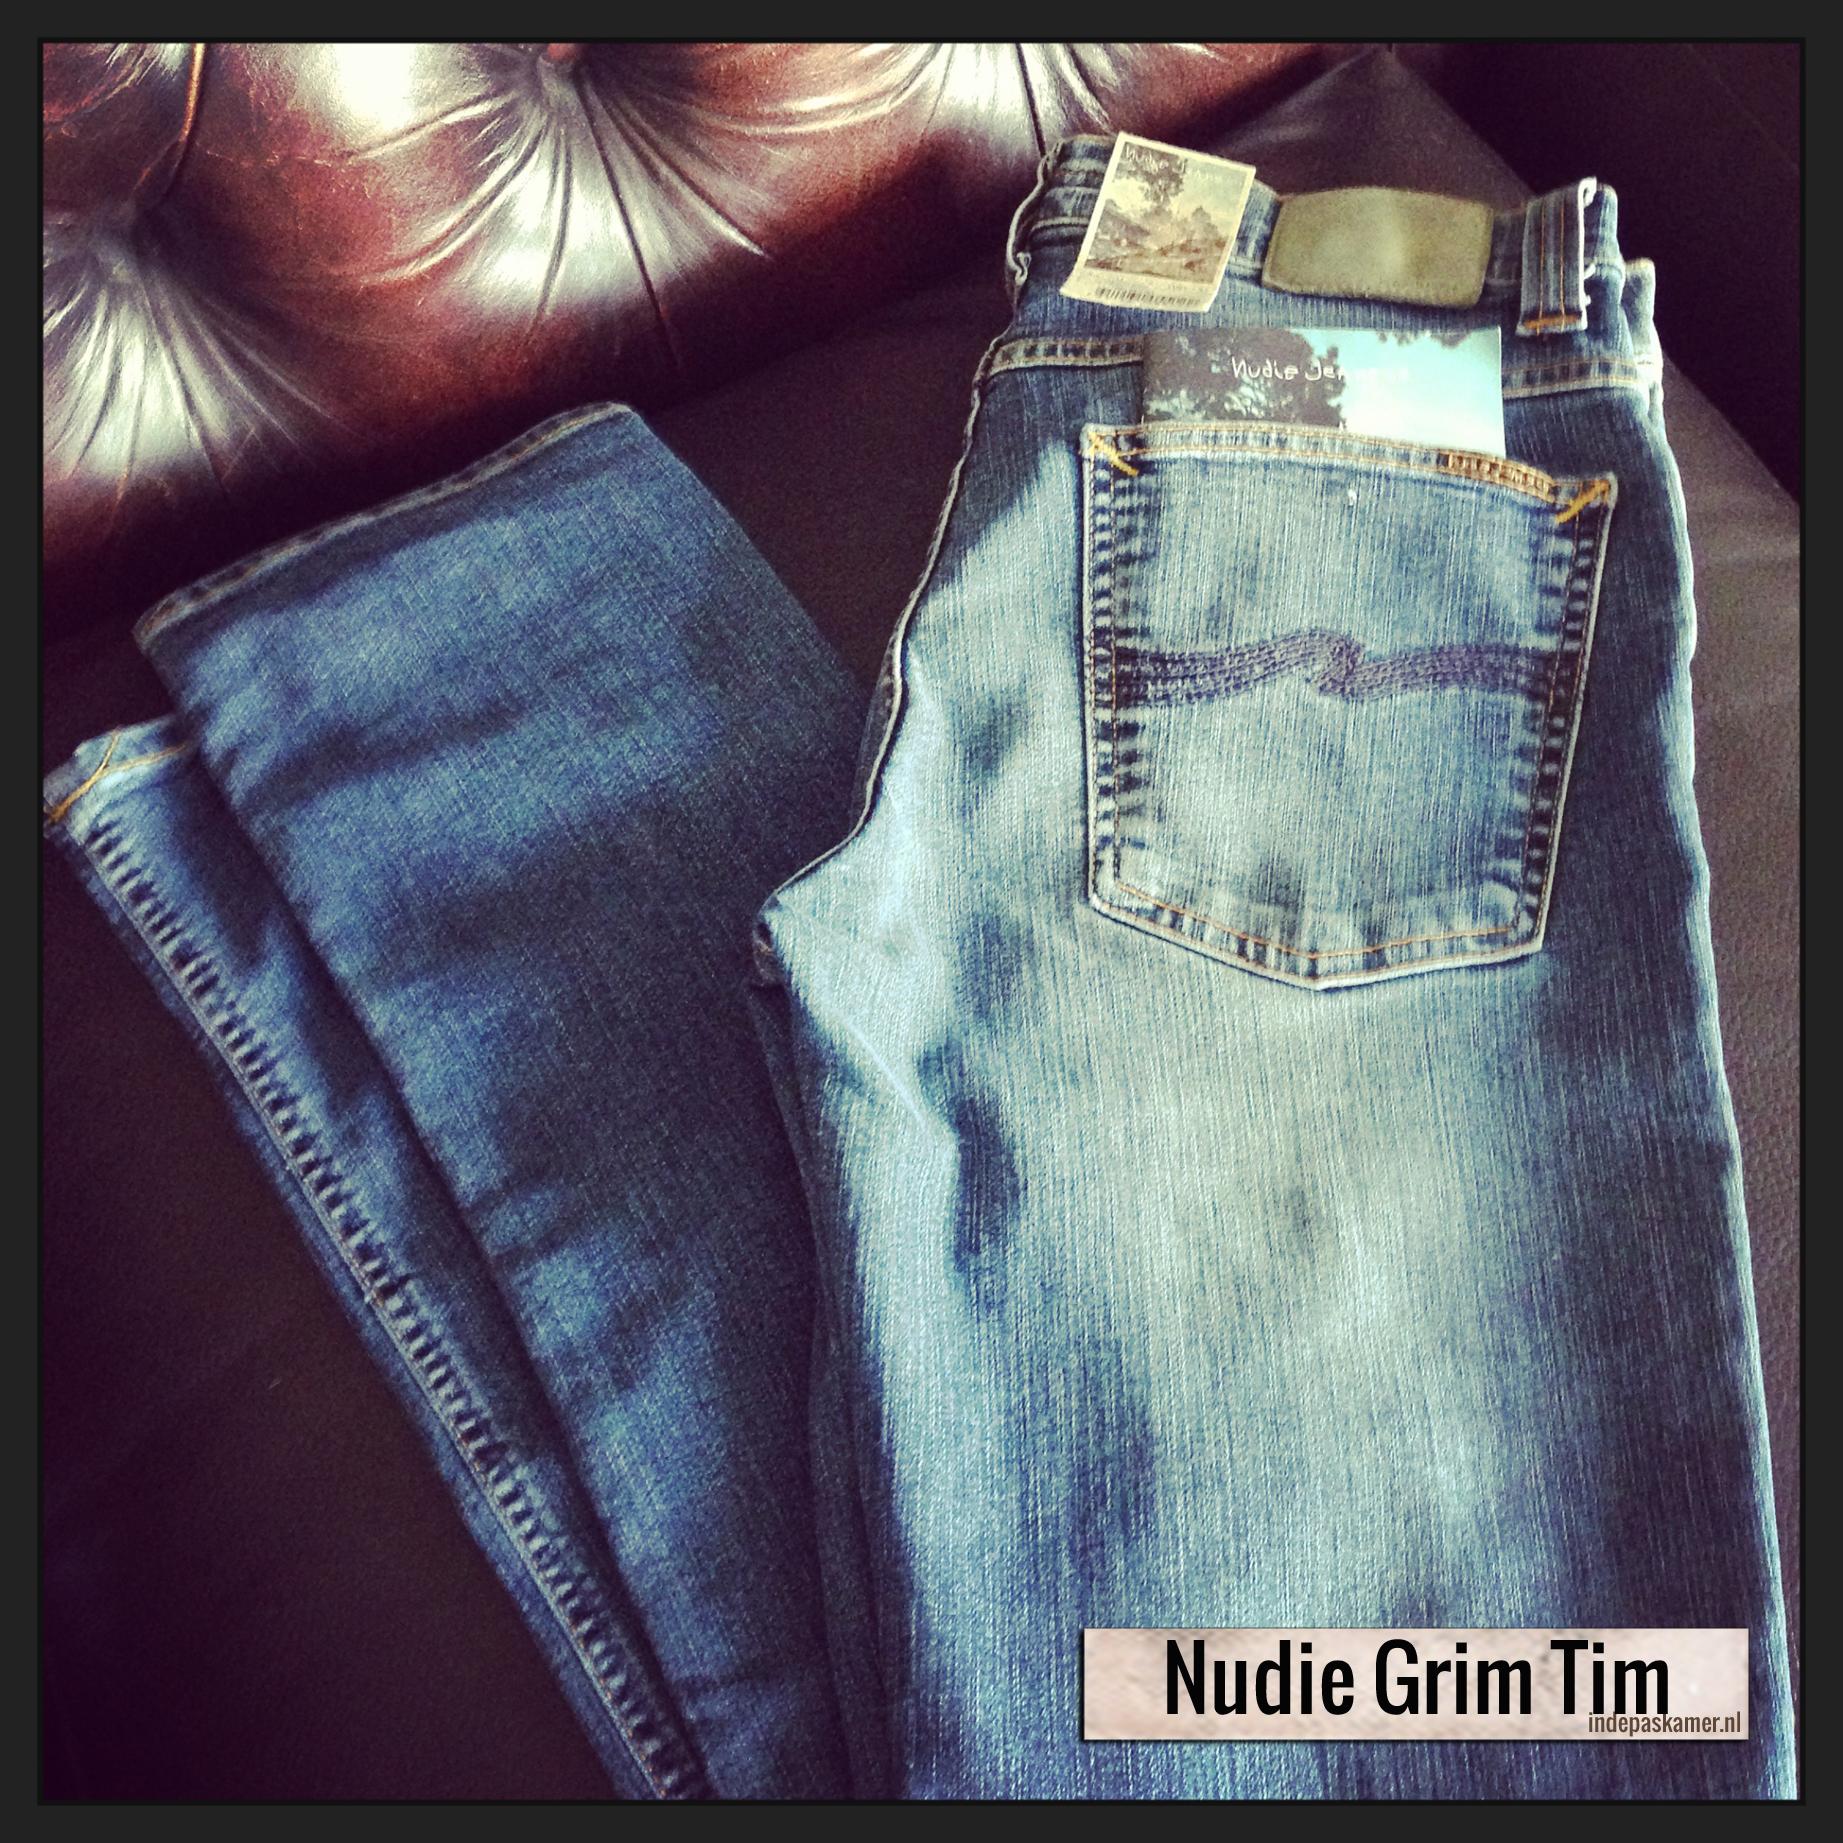 Nudie Jeans - indepaskamer.nl